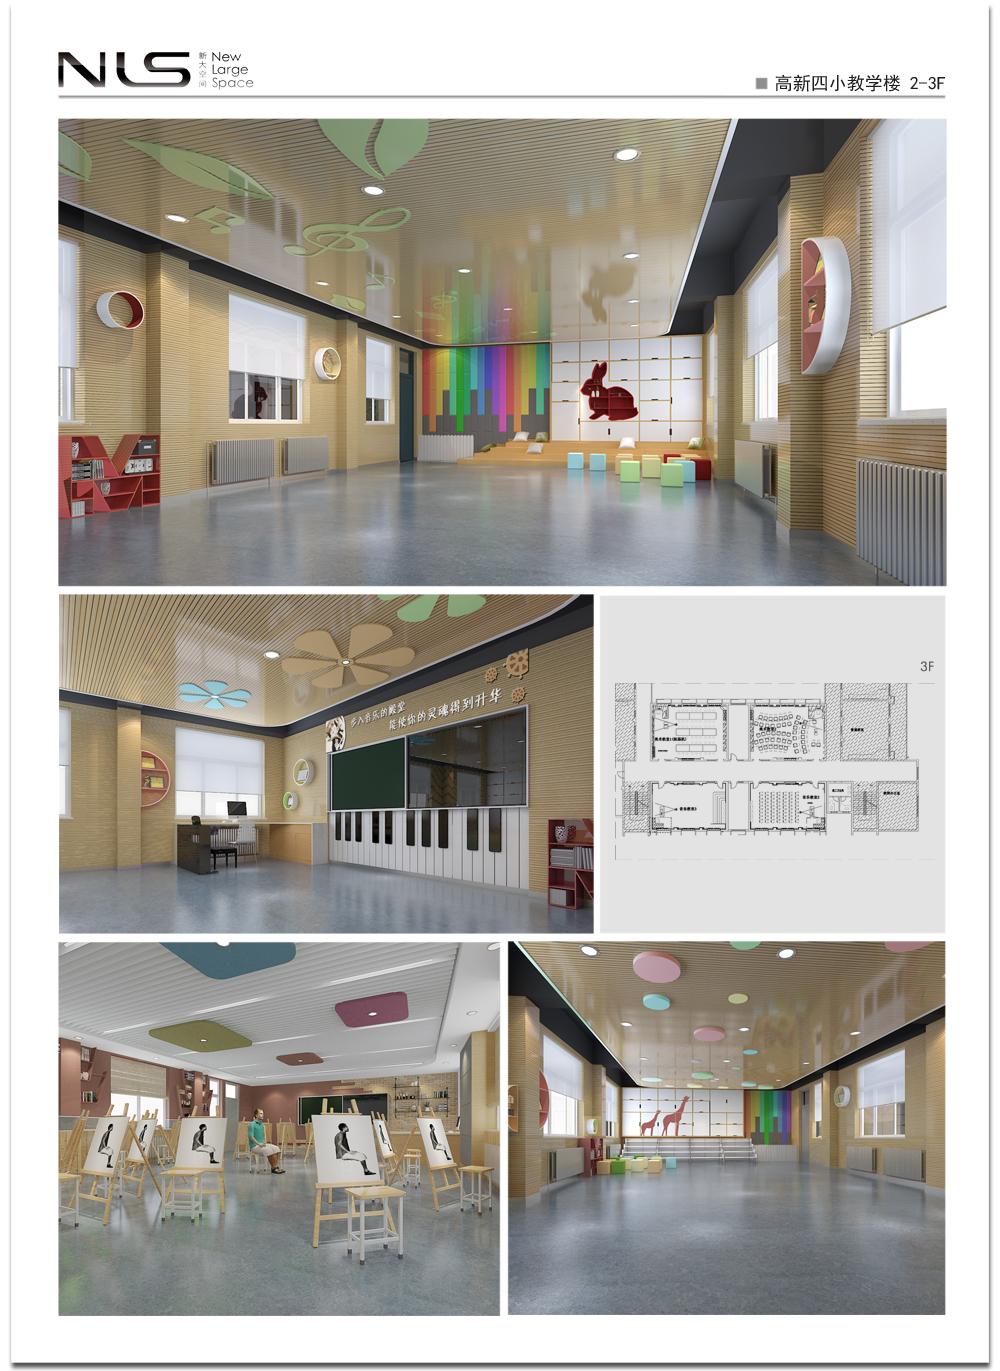 02 高新四小教学楼 2-3F.jpg